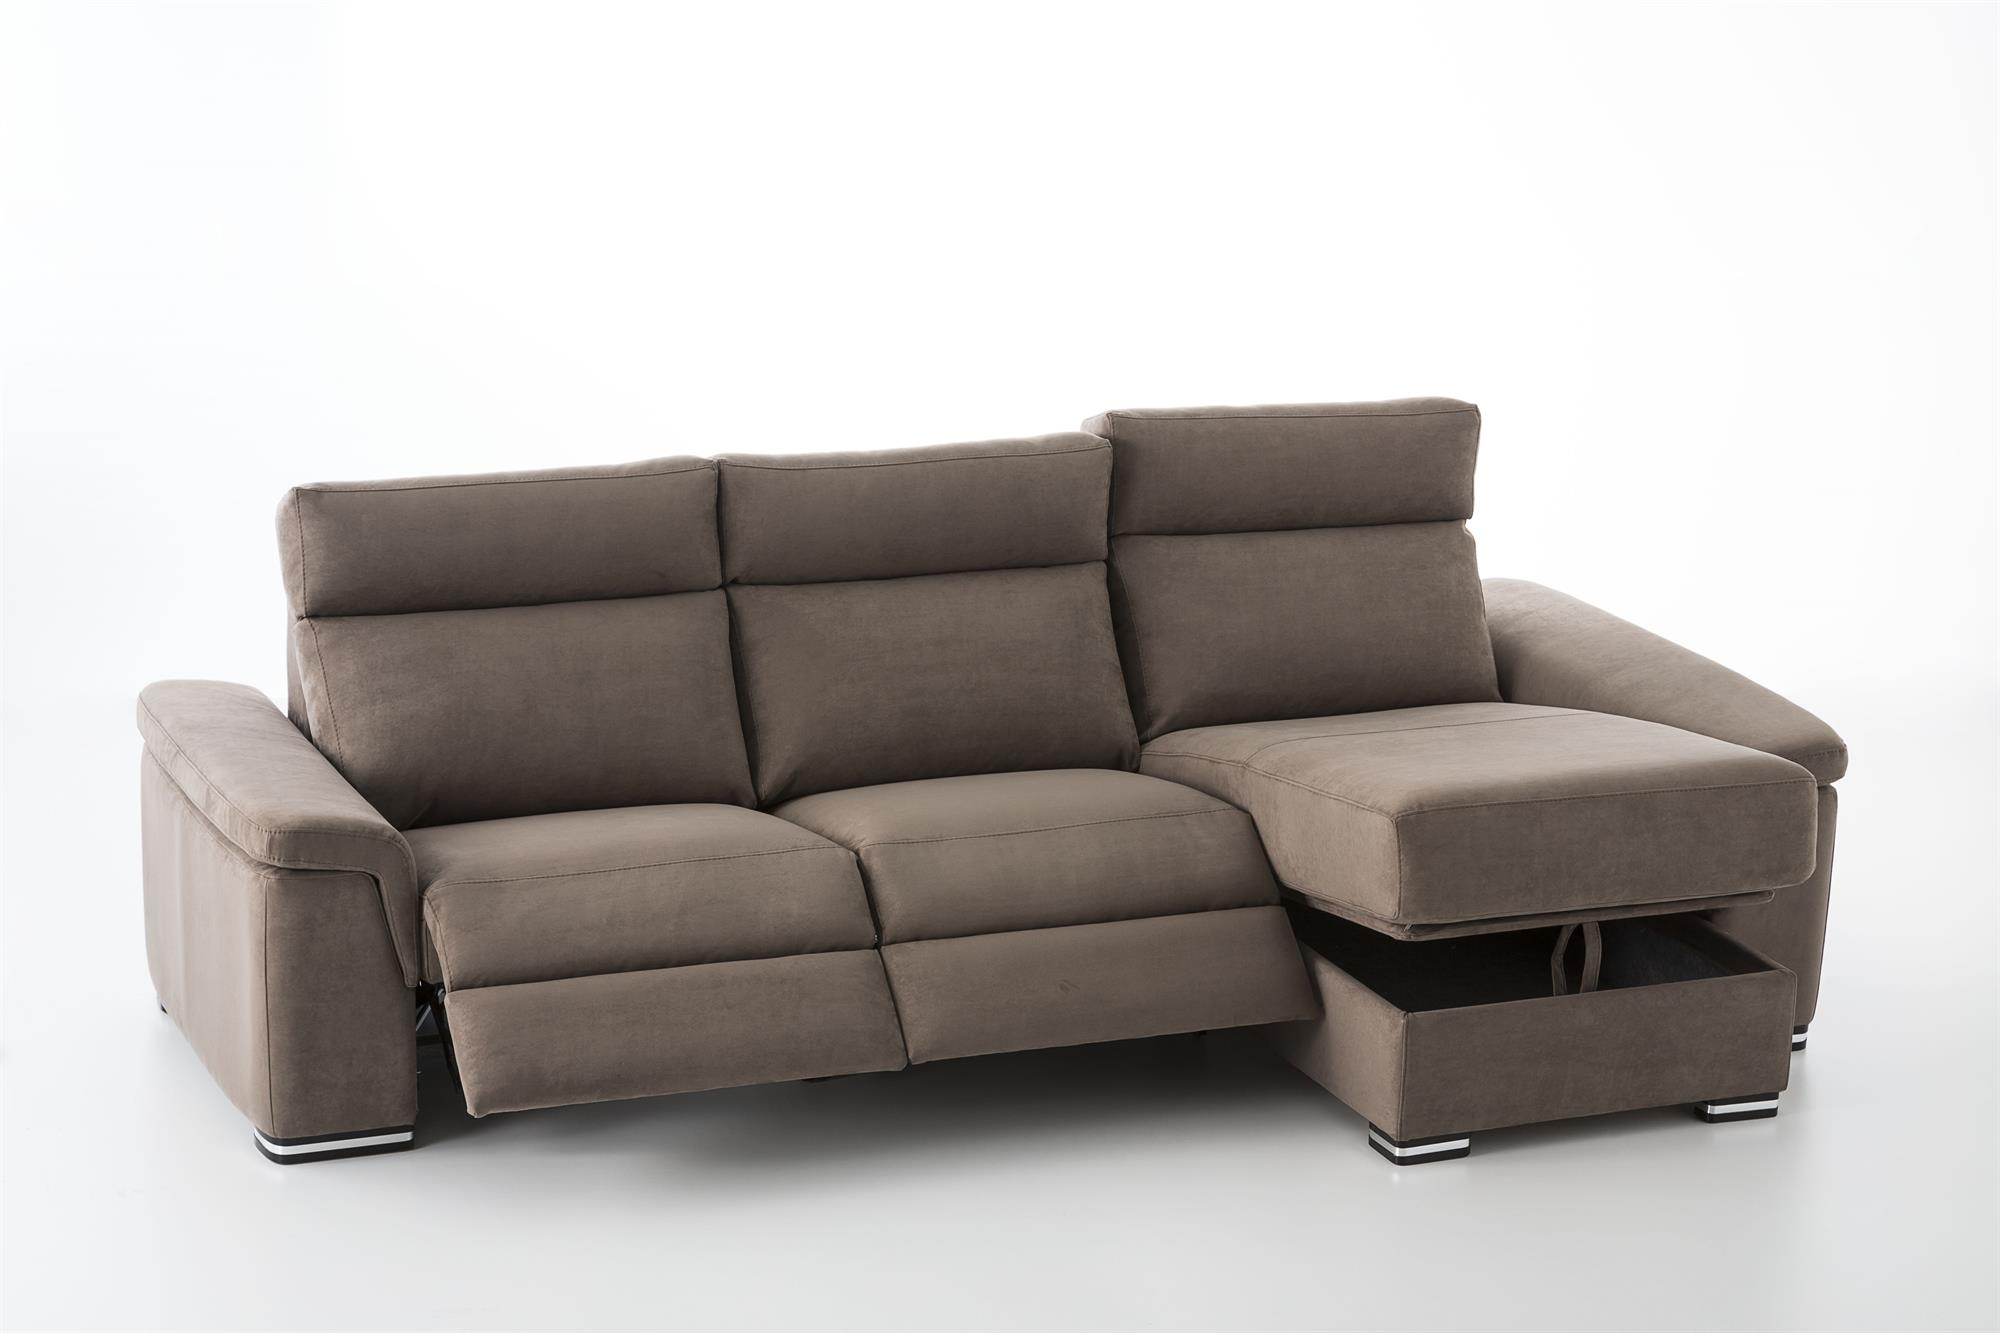 GALA Fabric Sofa with Ottoman